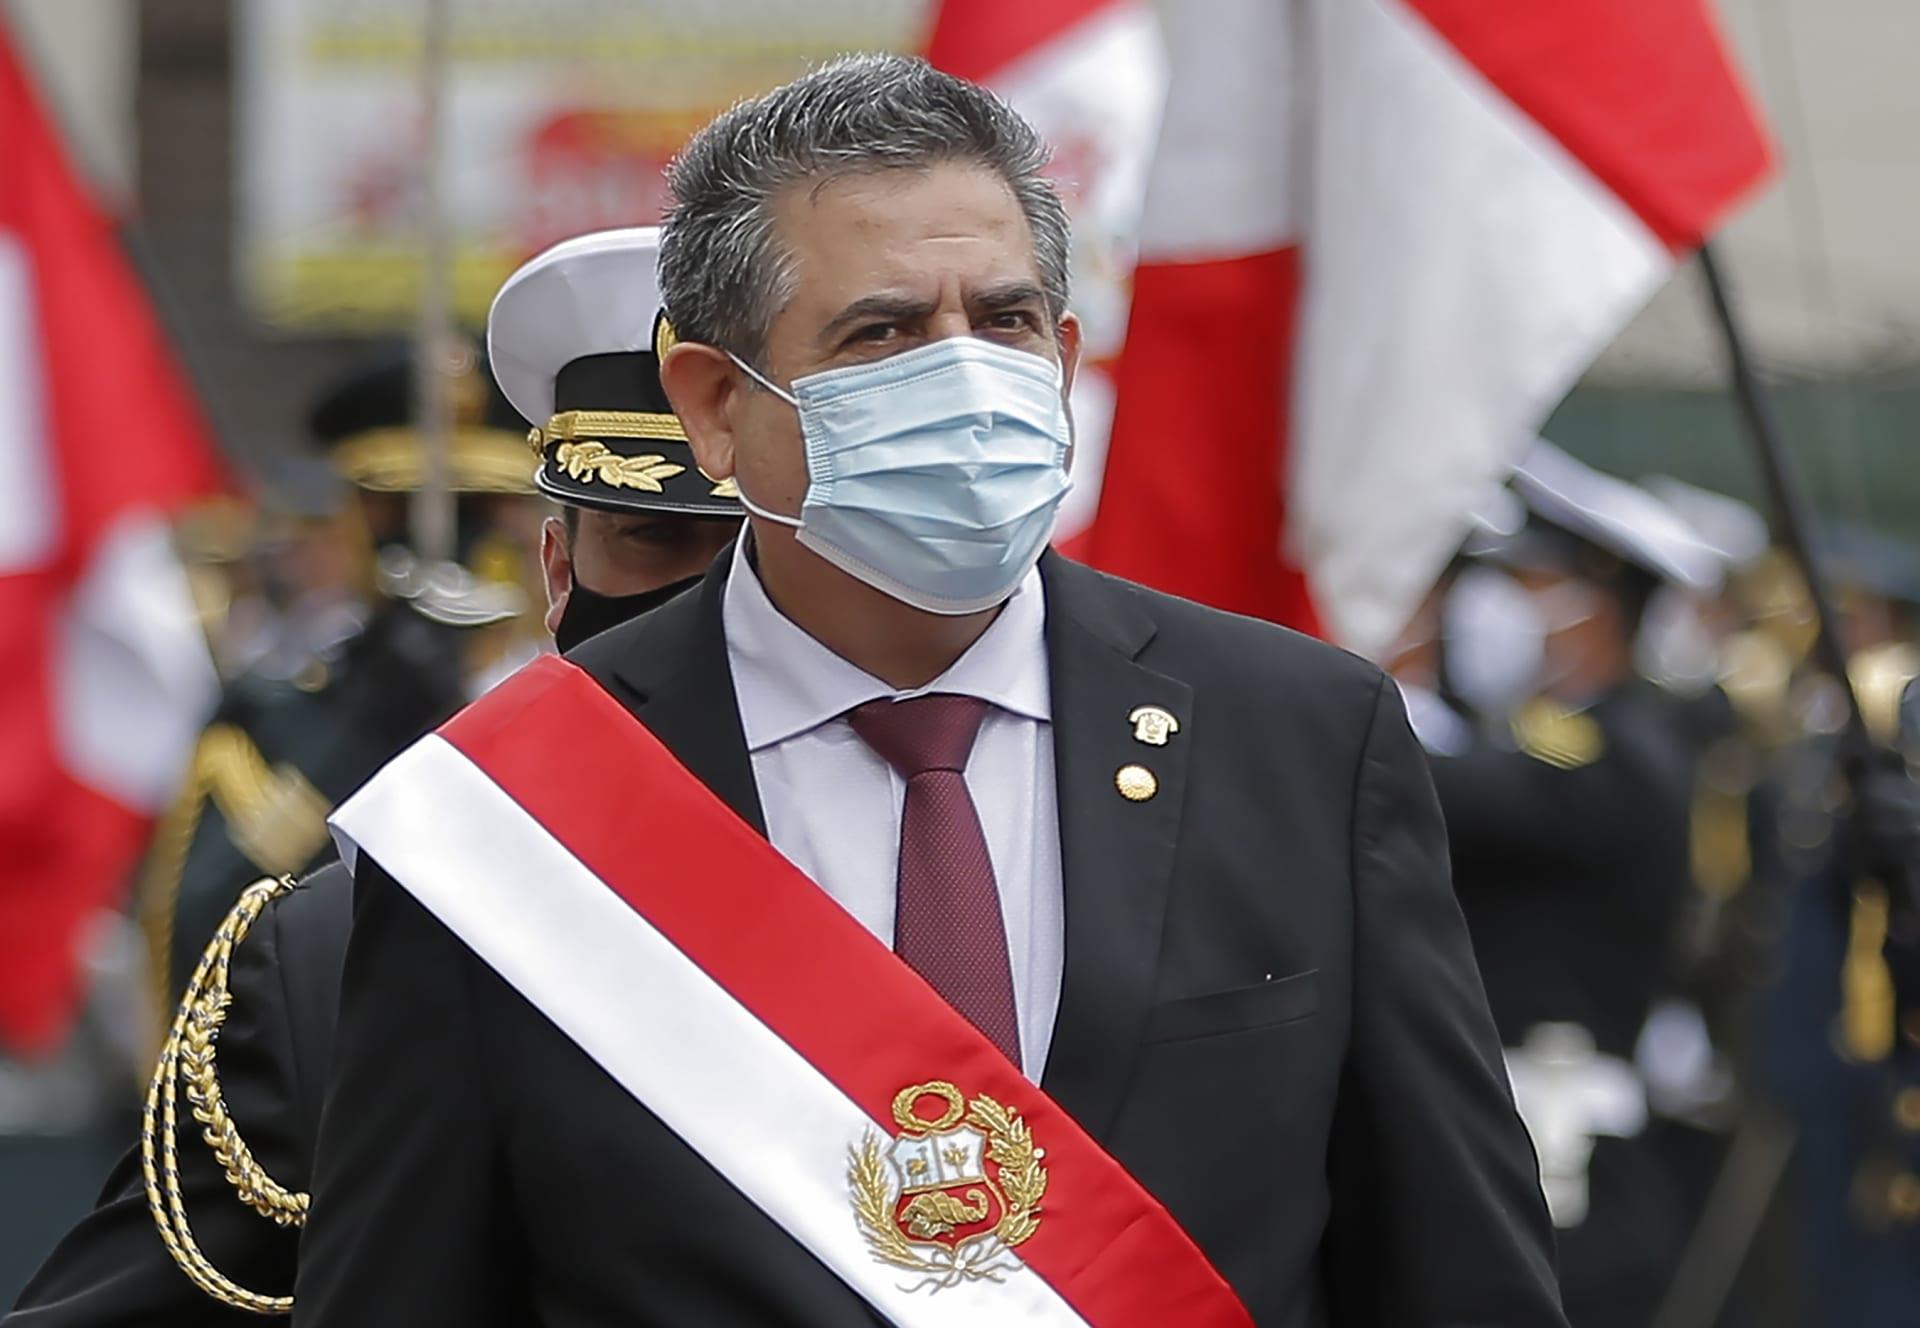 رئيس بيرو المؤقت يستقيل بعد احتجاجات دامية قُتل خلالها 2 من المتظاهرين